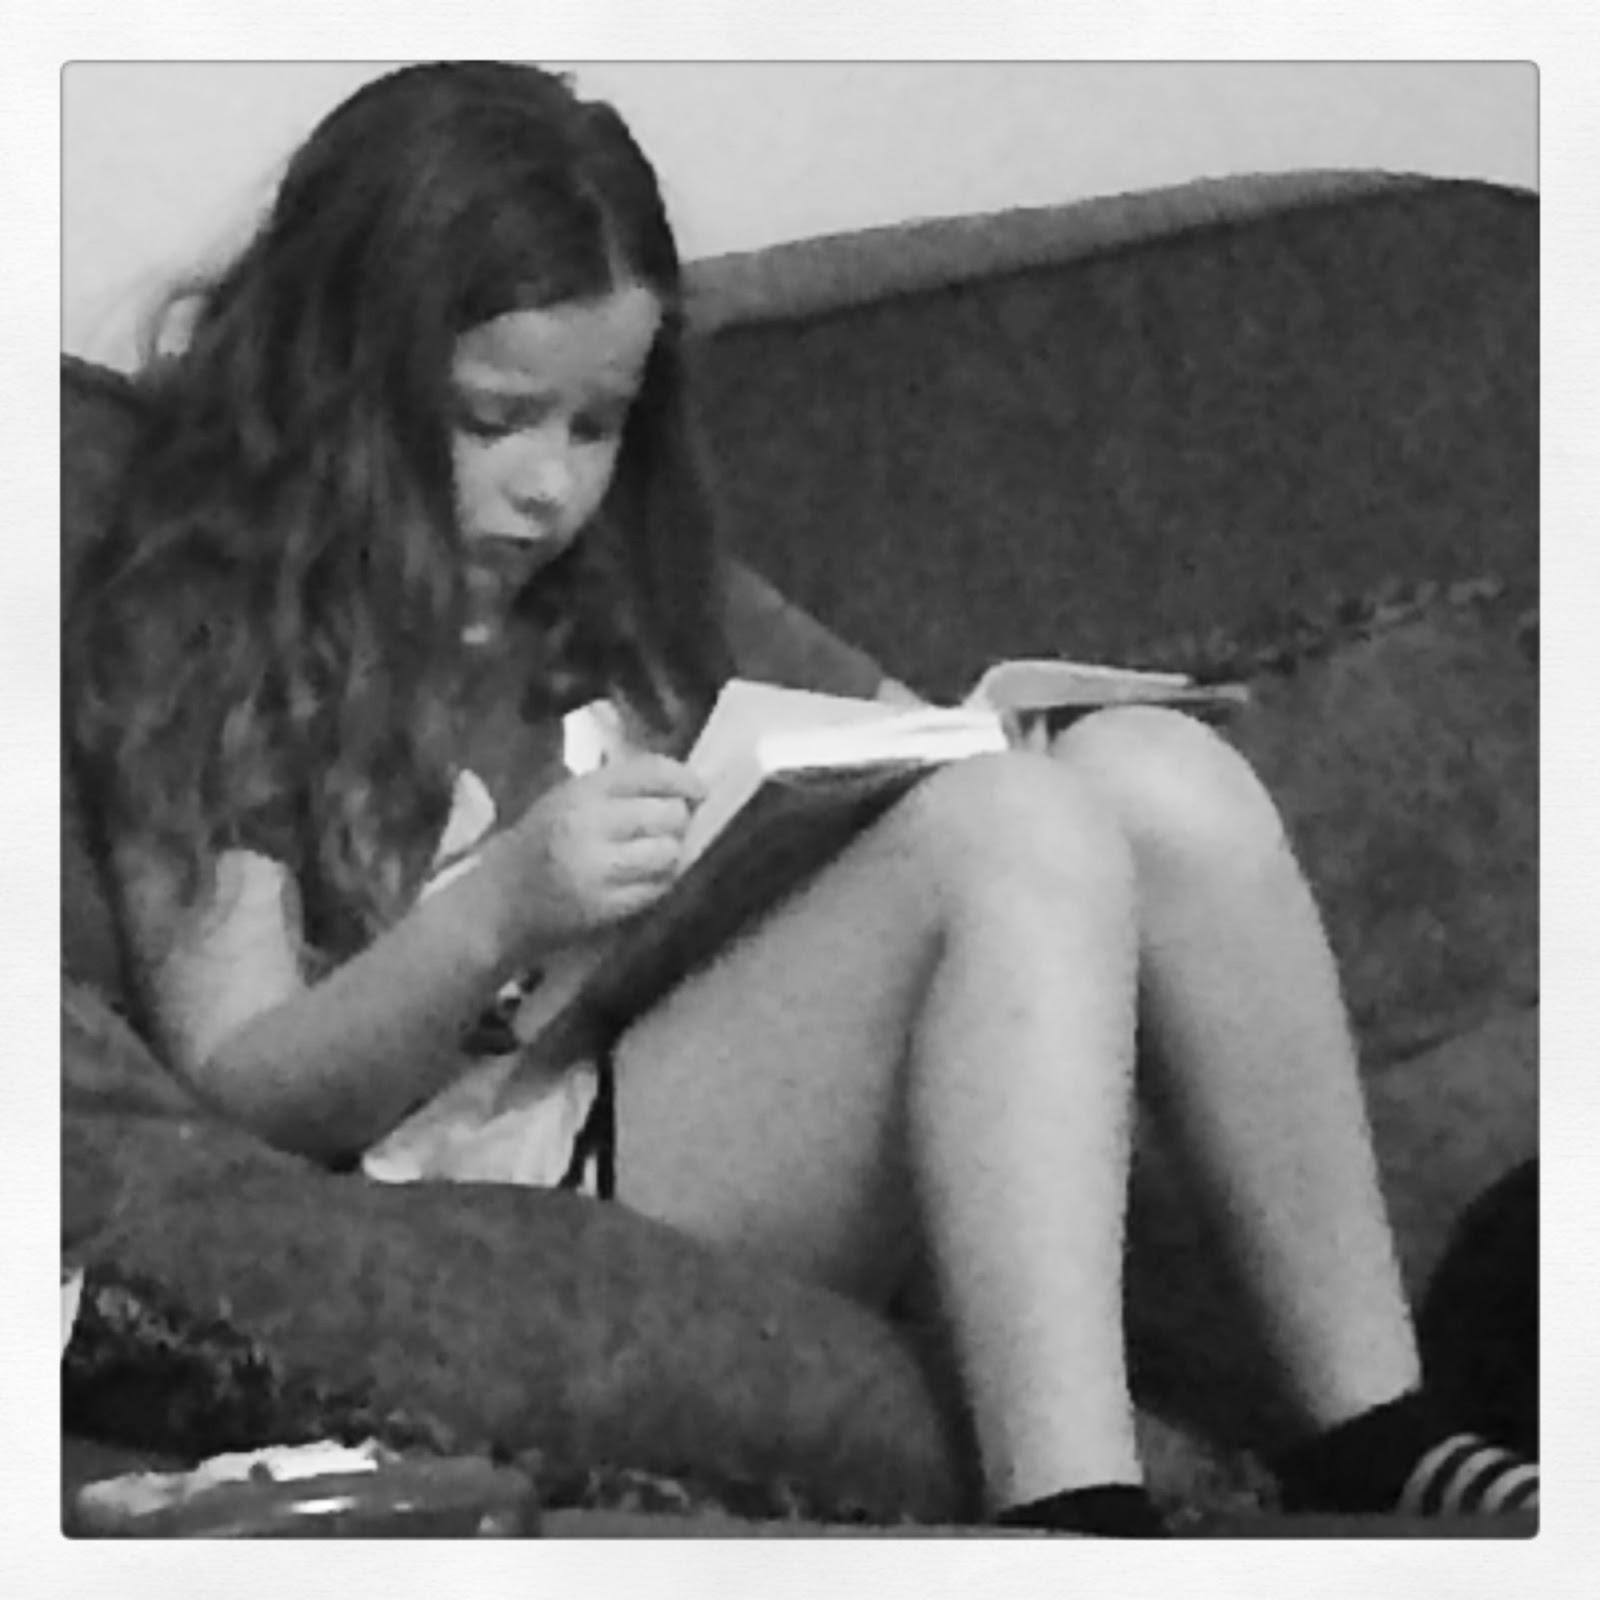 Tween girl reading